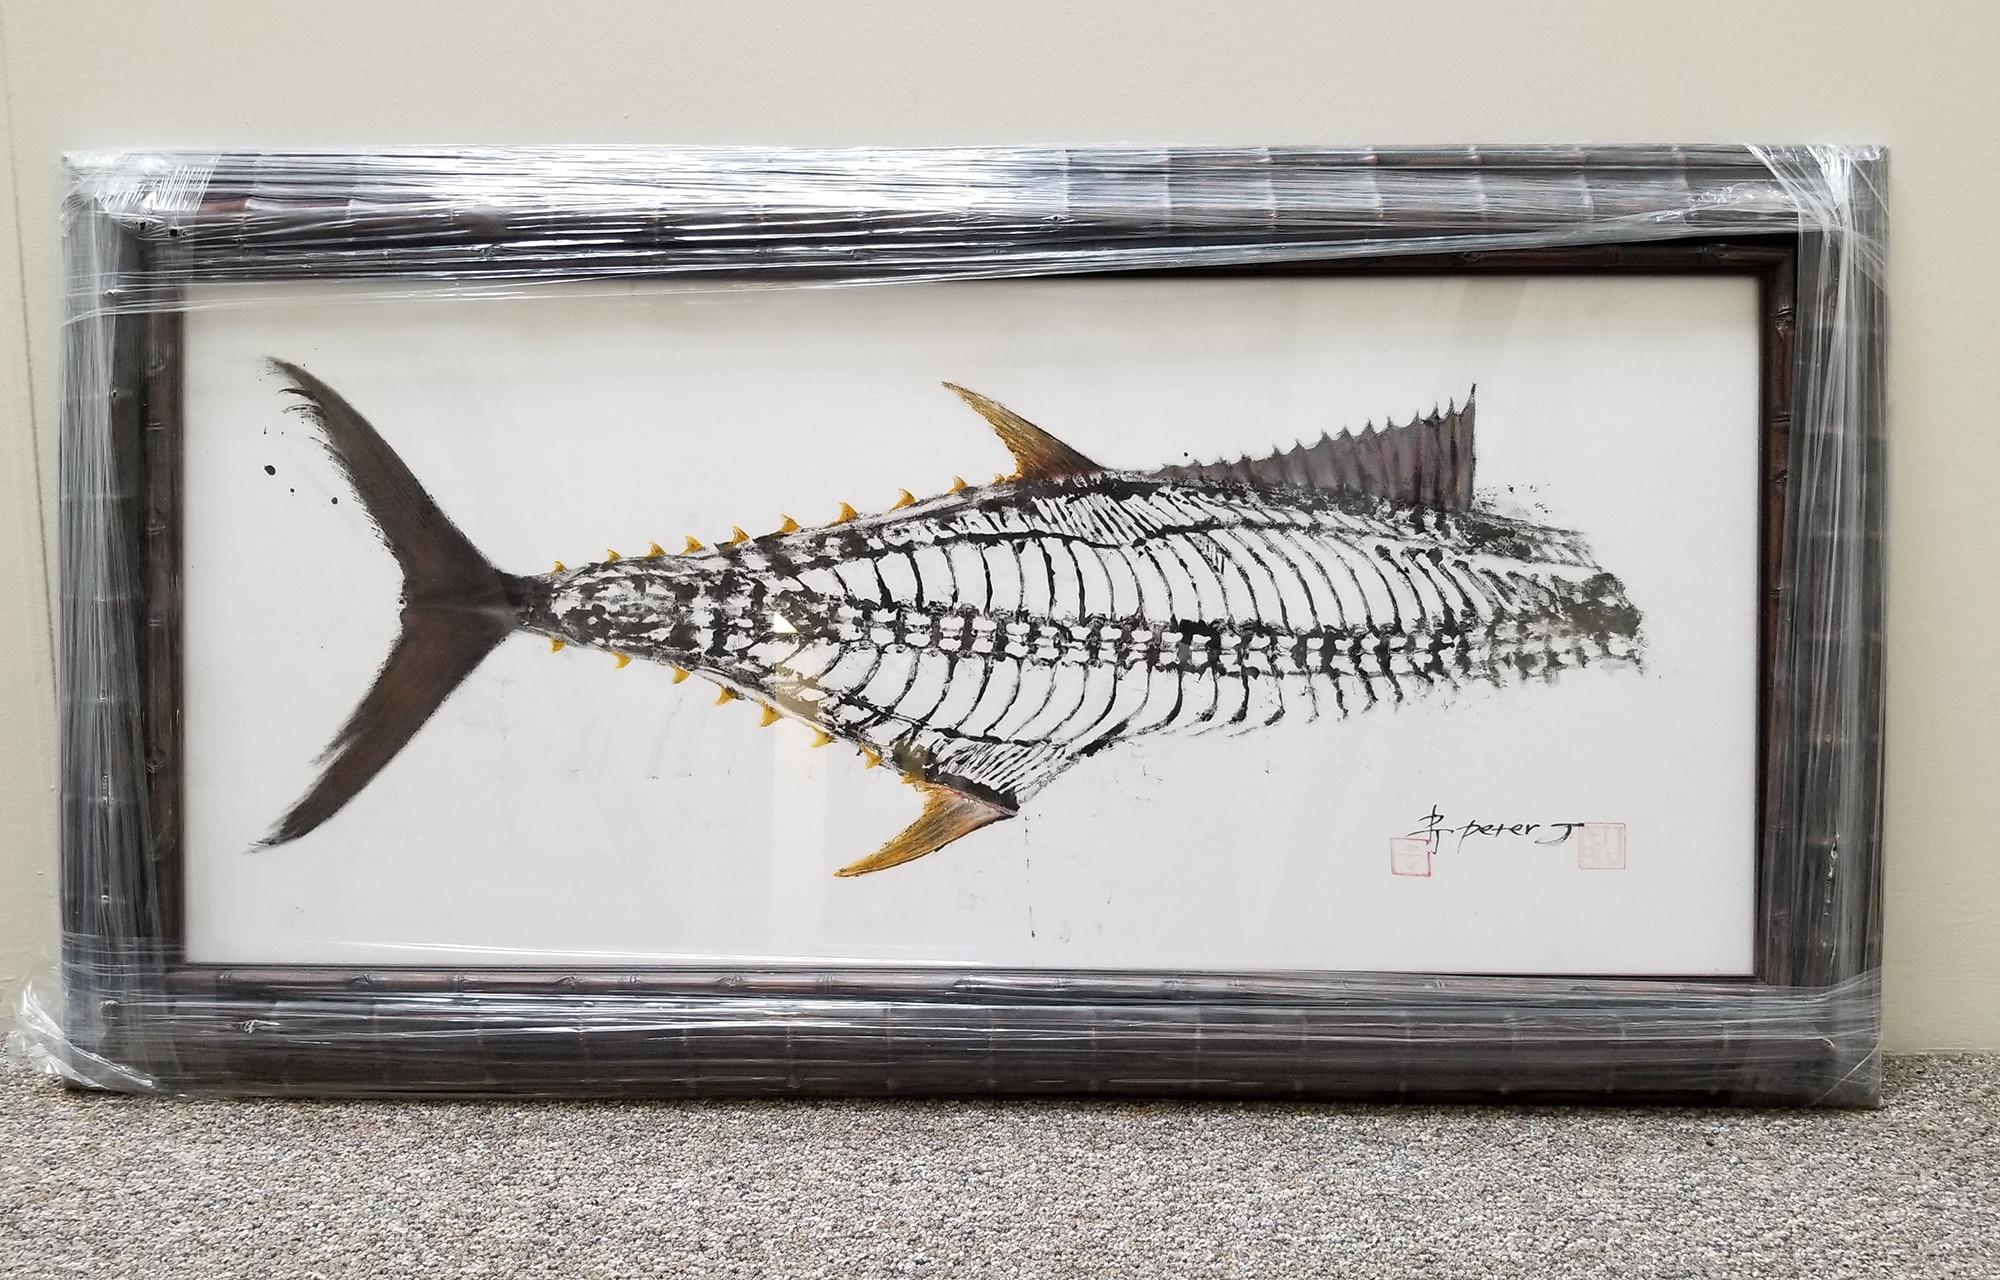 Peter J Art tuna print